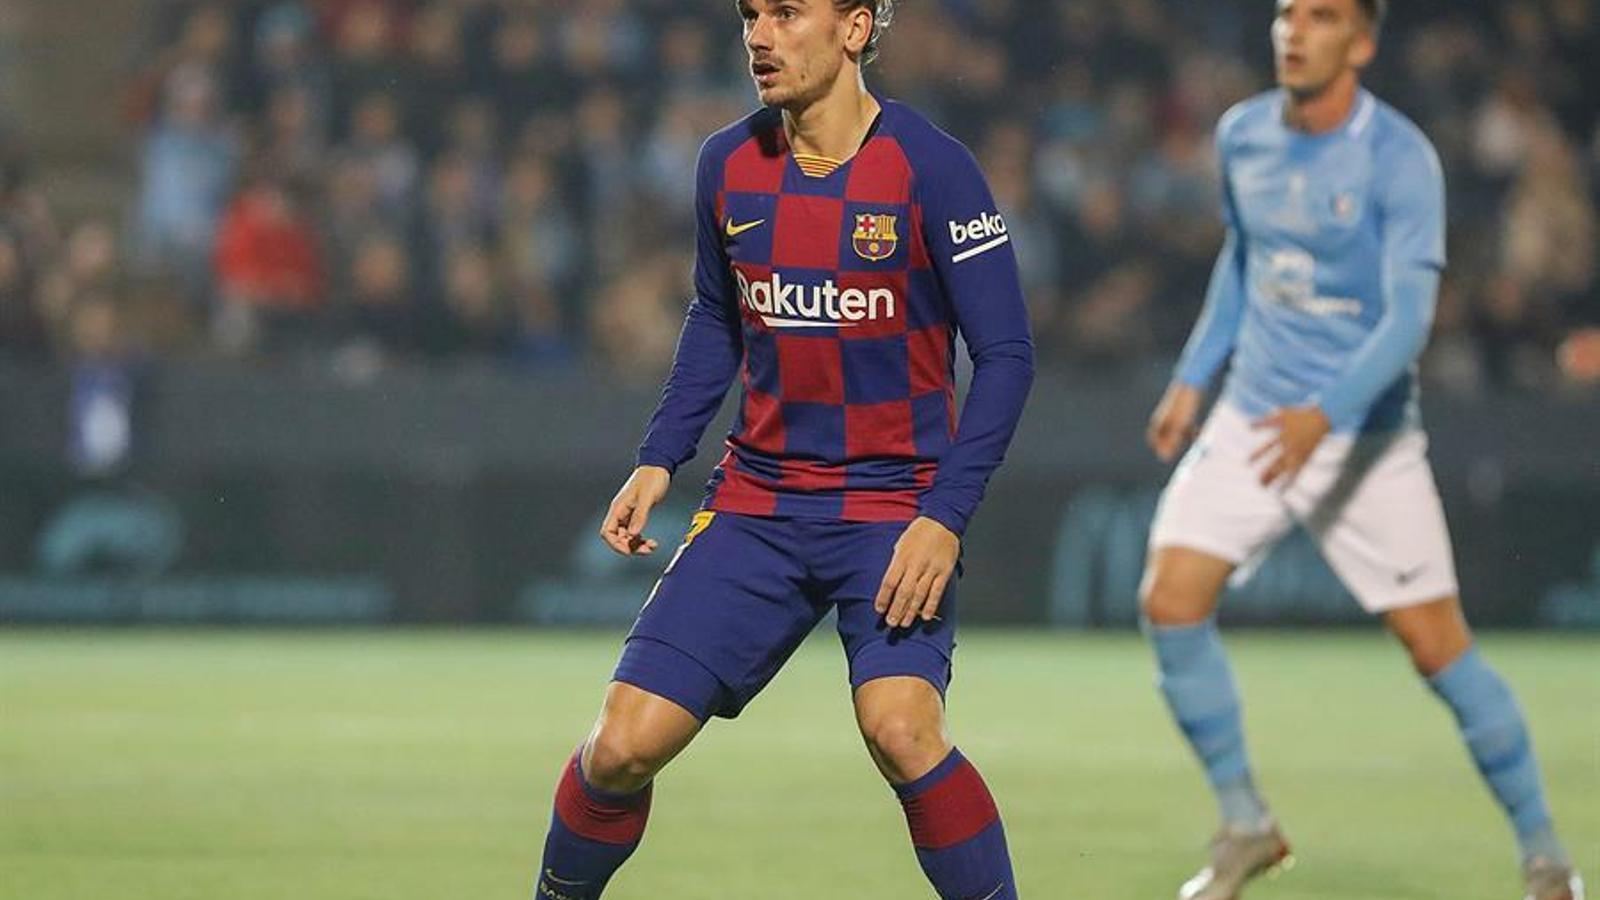 Griezmann durant una situació defensiva del partit de Copa del Barça